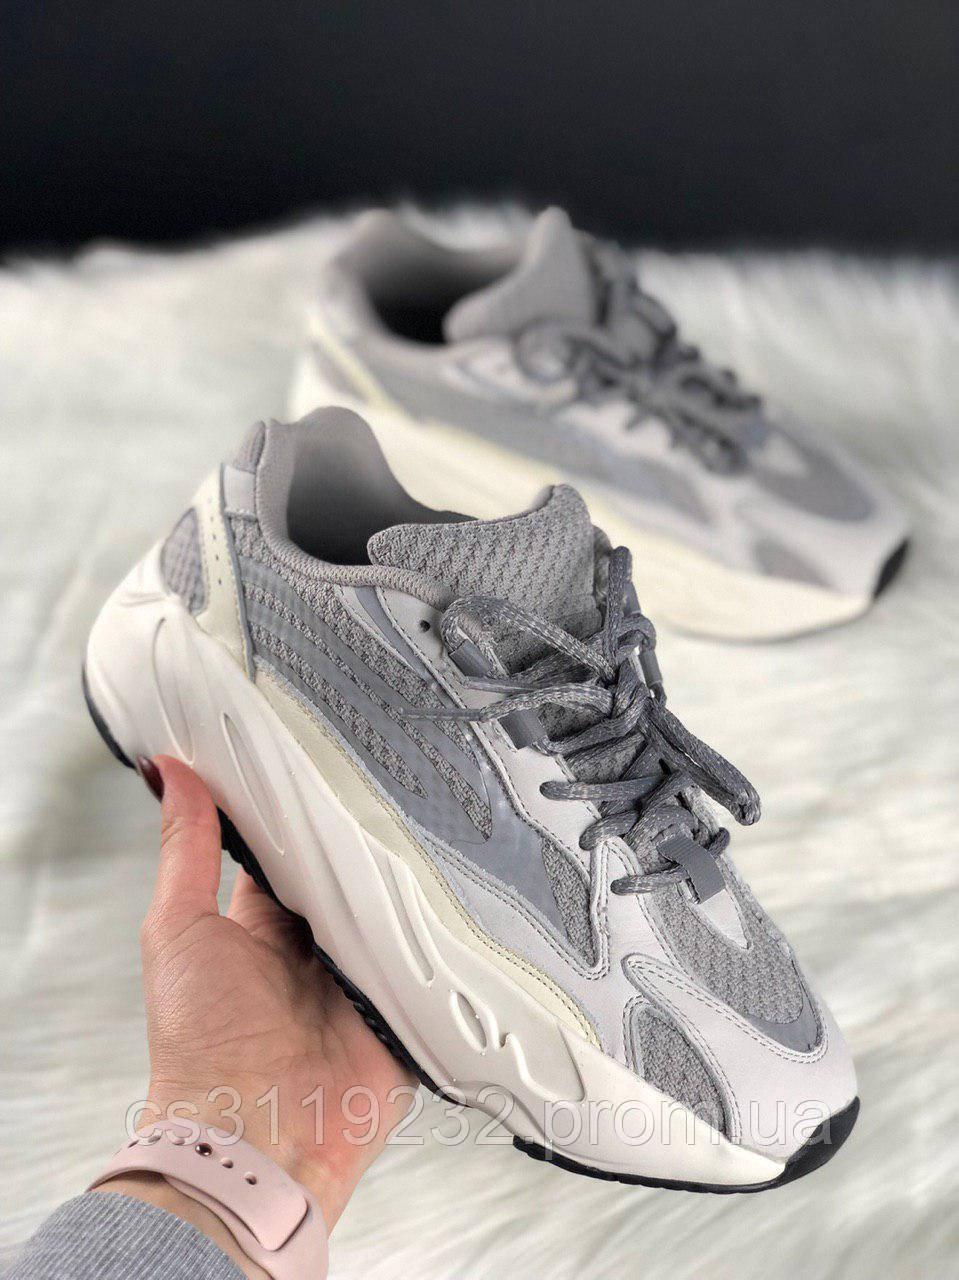 Женские кроссовки Adidas Yeezy Boost 700 Static Grey (серые)